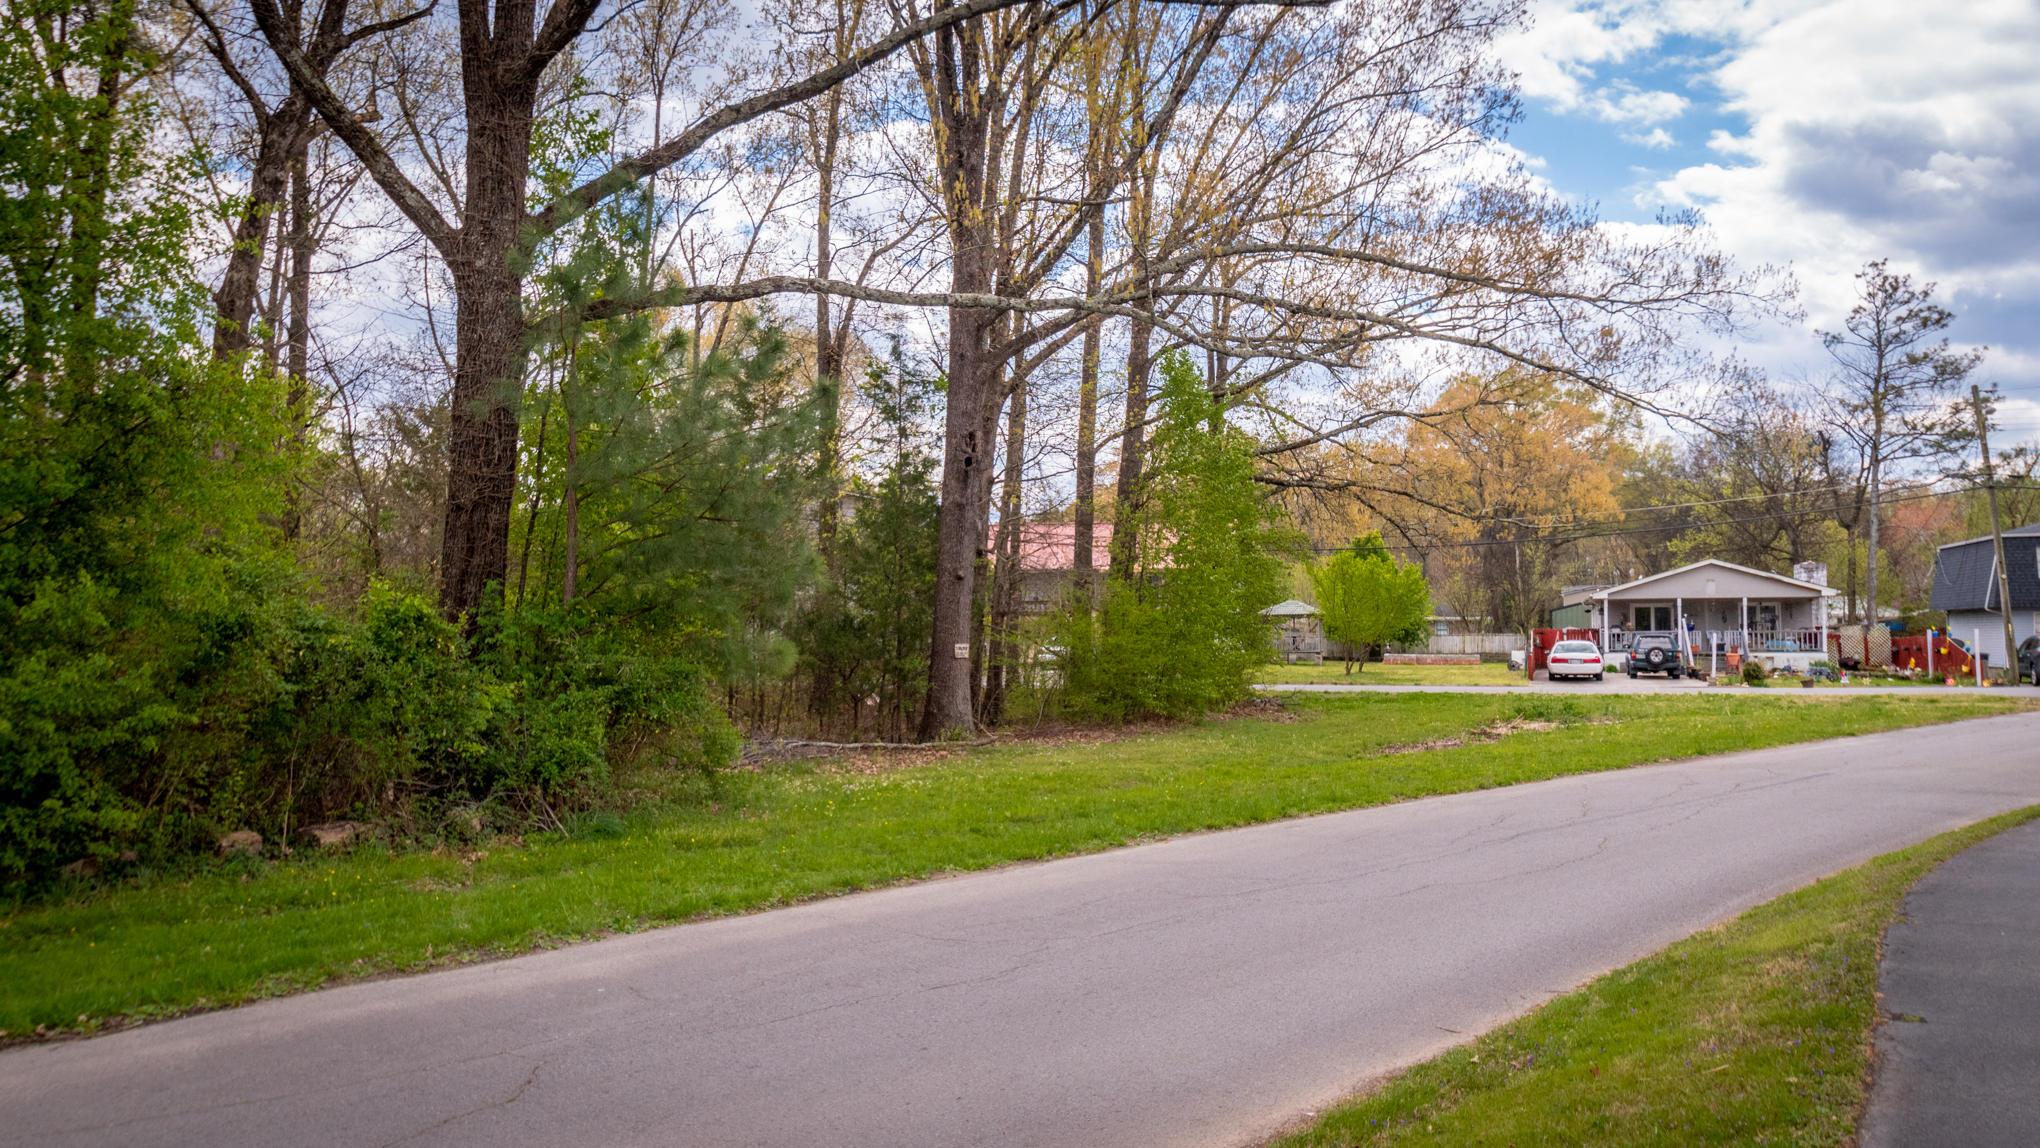 0 Graston Ave, Chattanooga, TN 37412